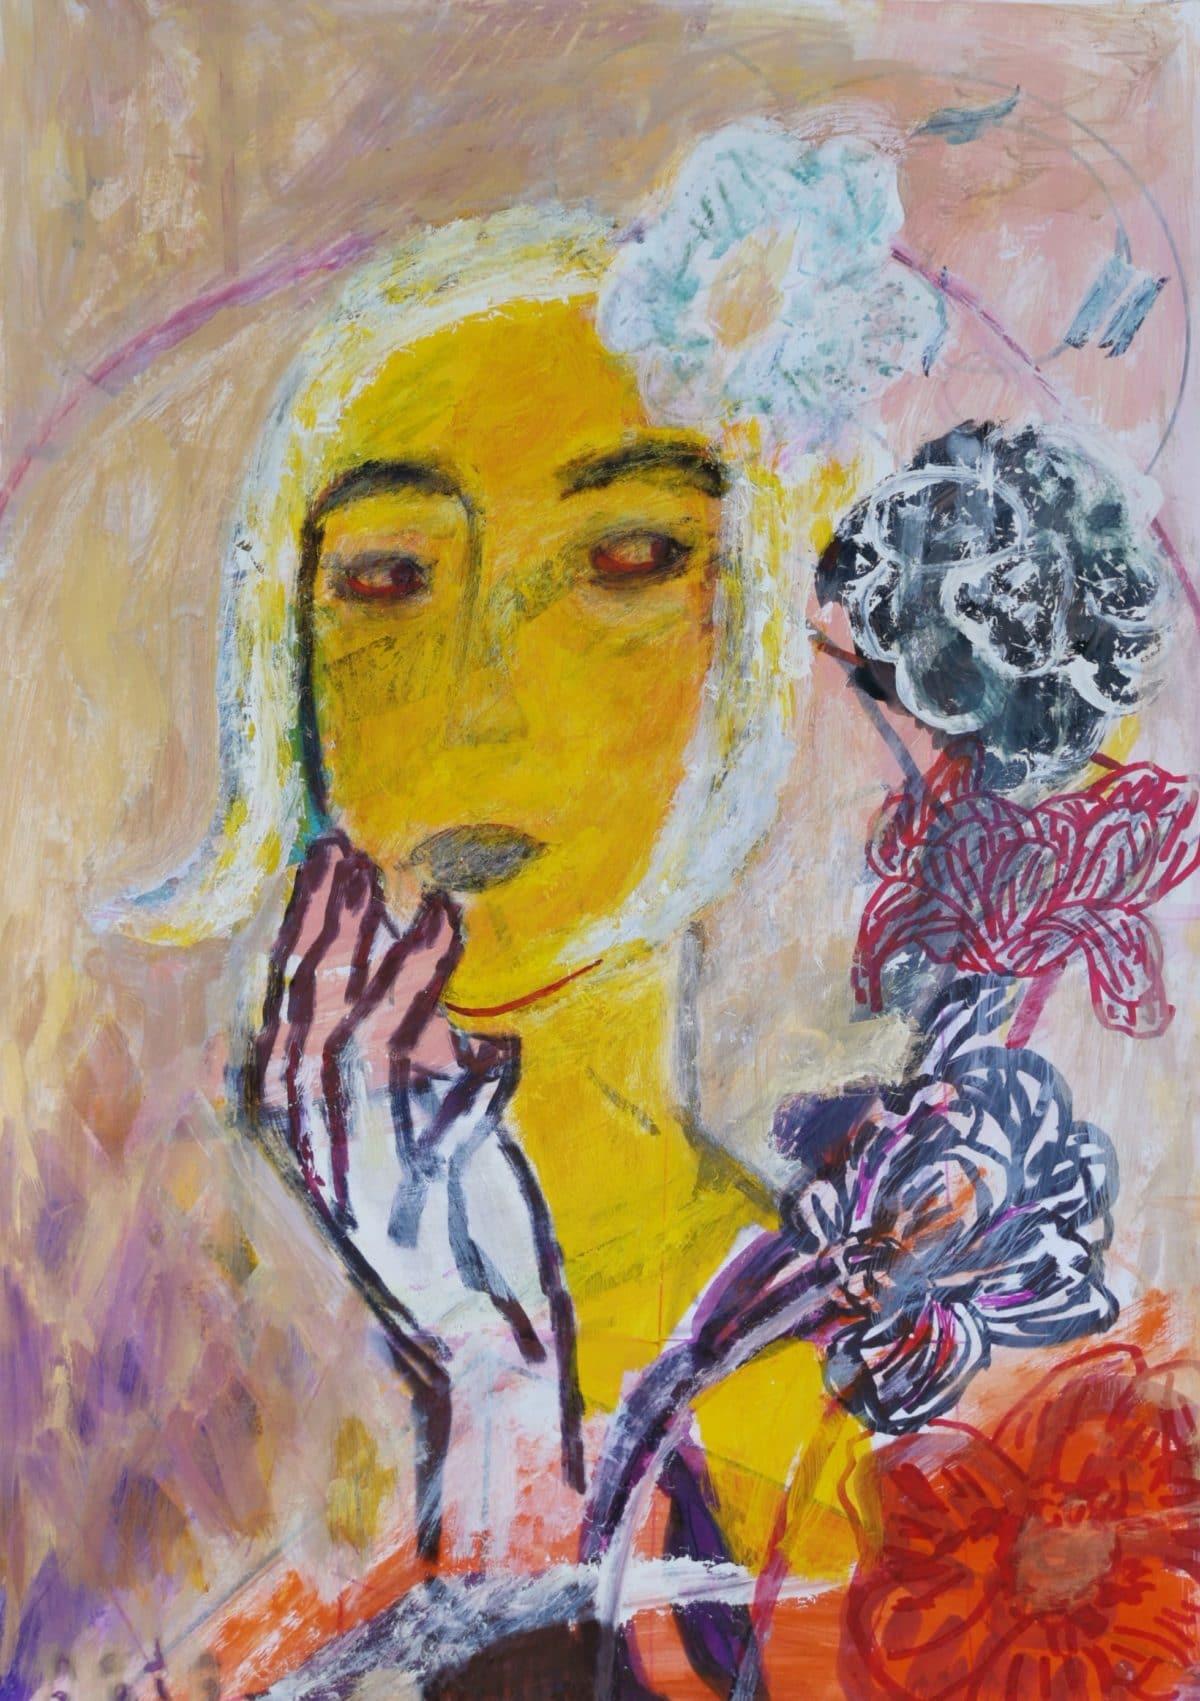 Neda Tavallaee - A suspicious Bouqet - 2020